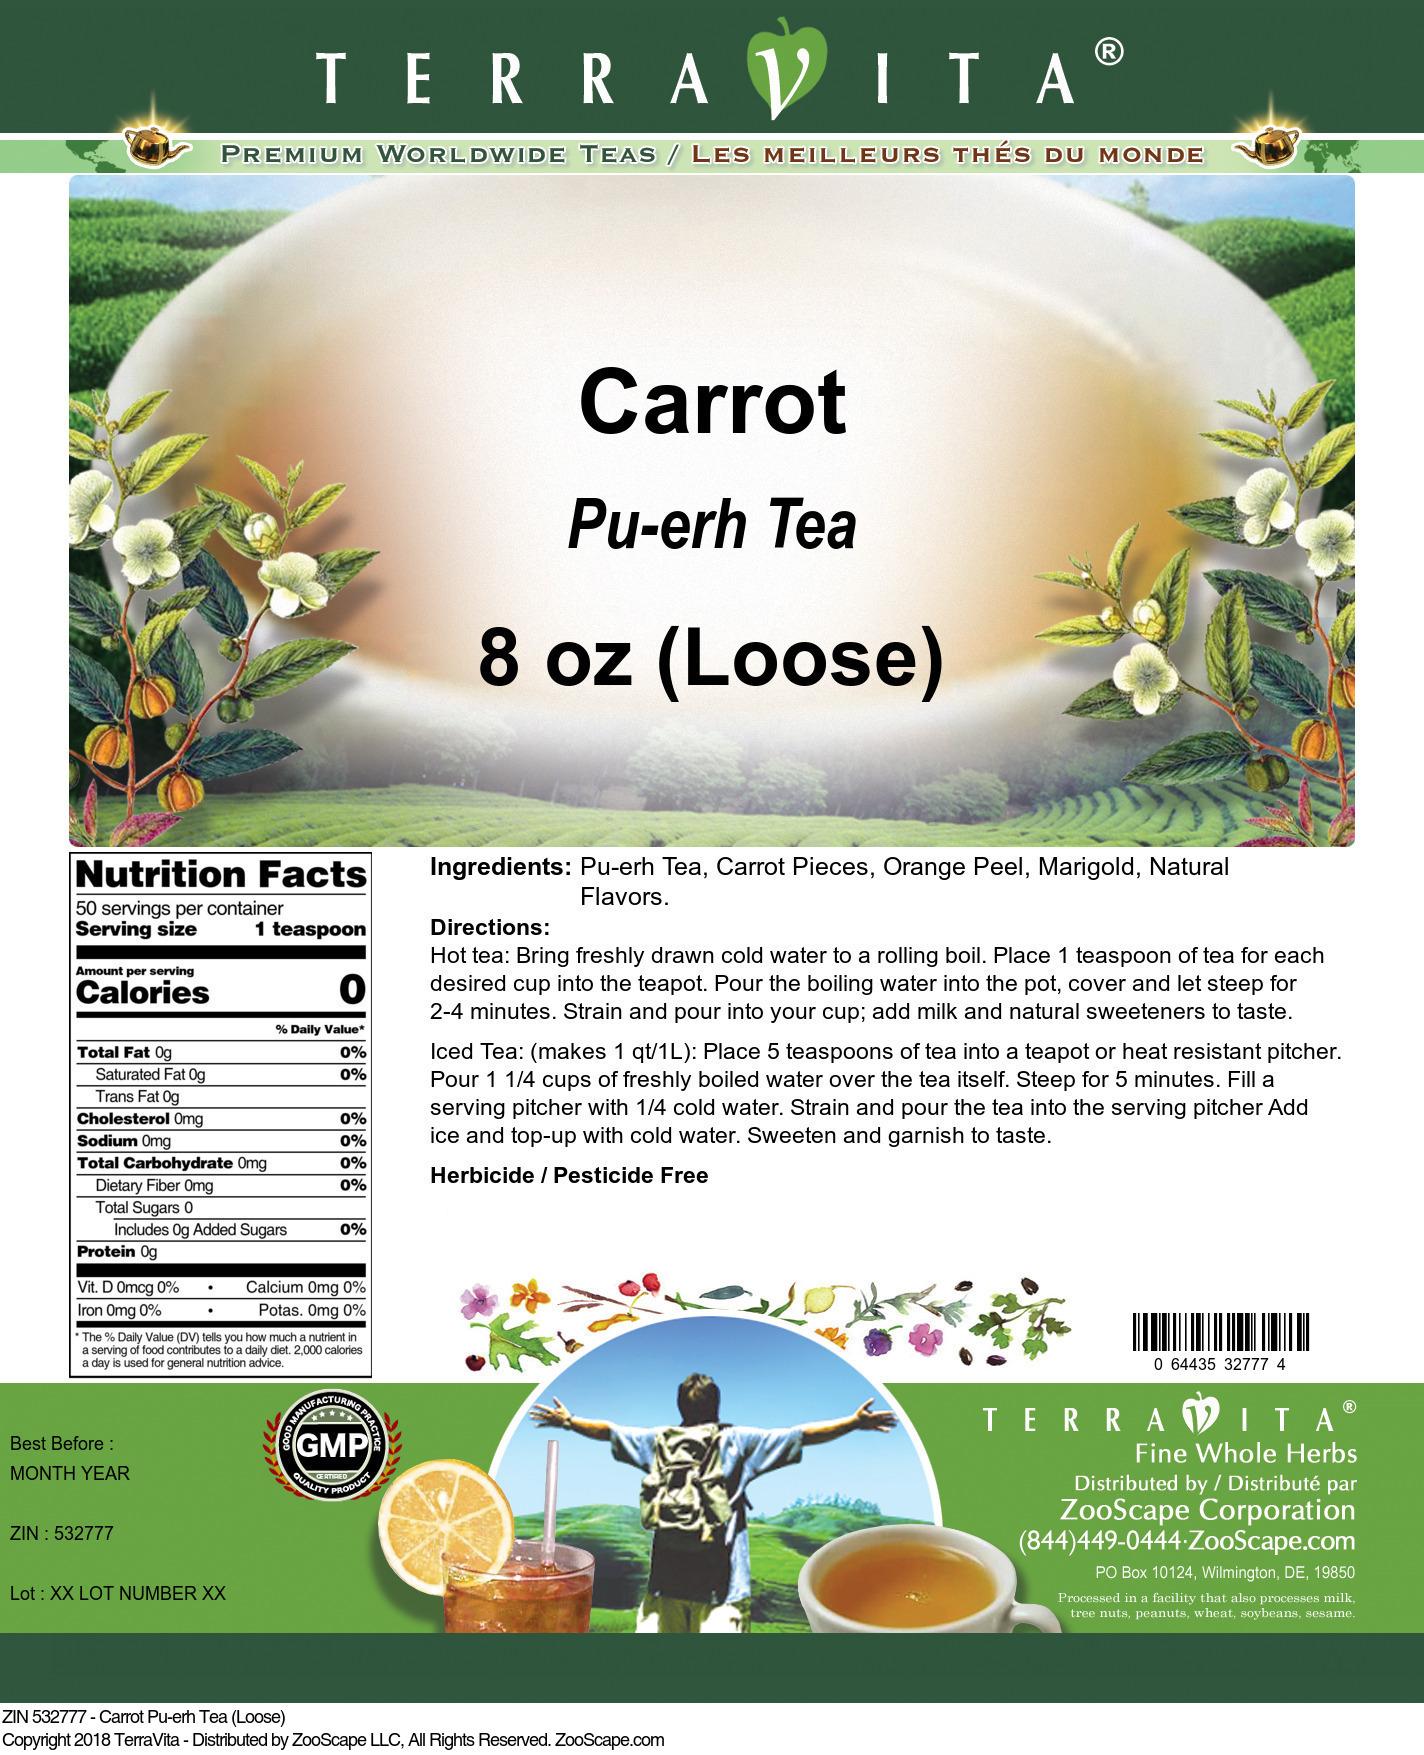 Carrot Pu-erh Tea